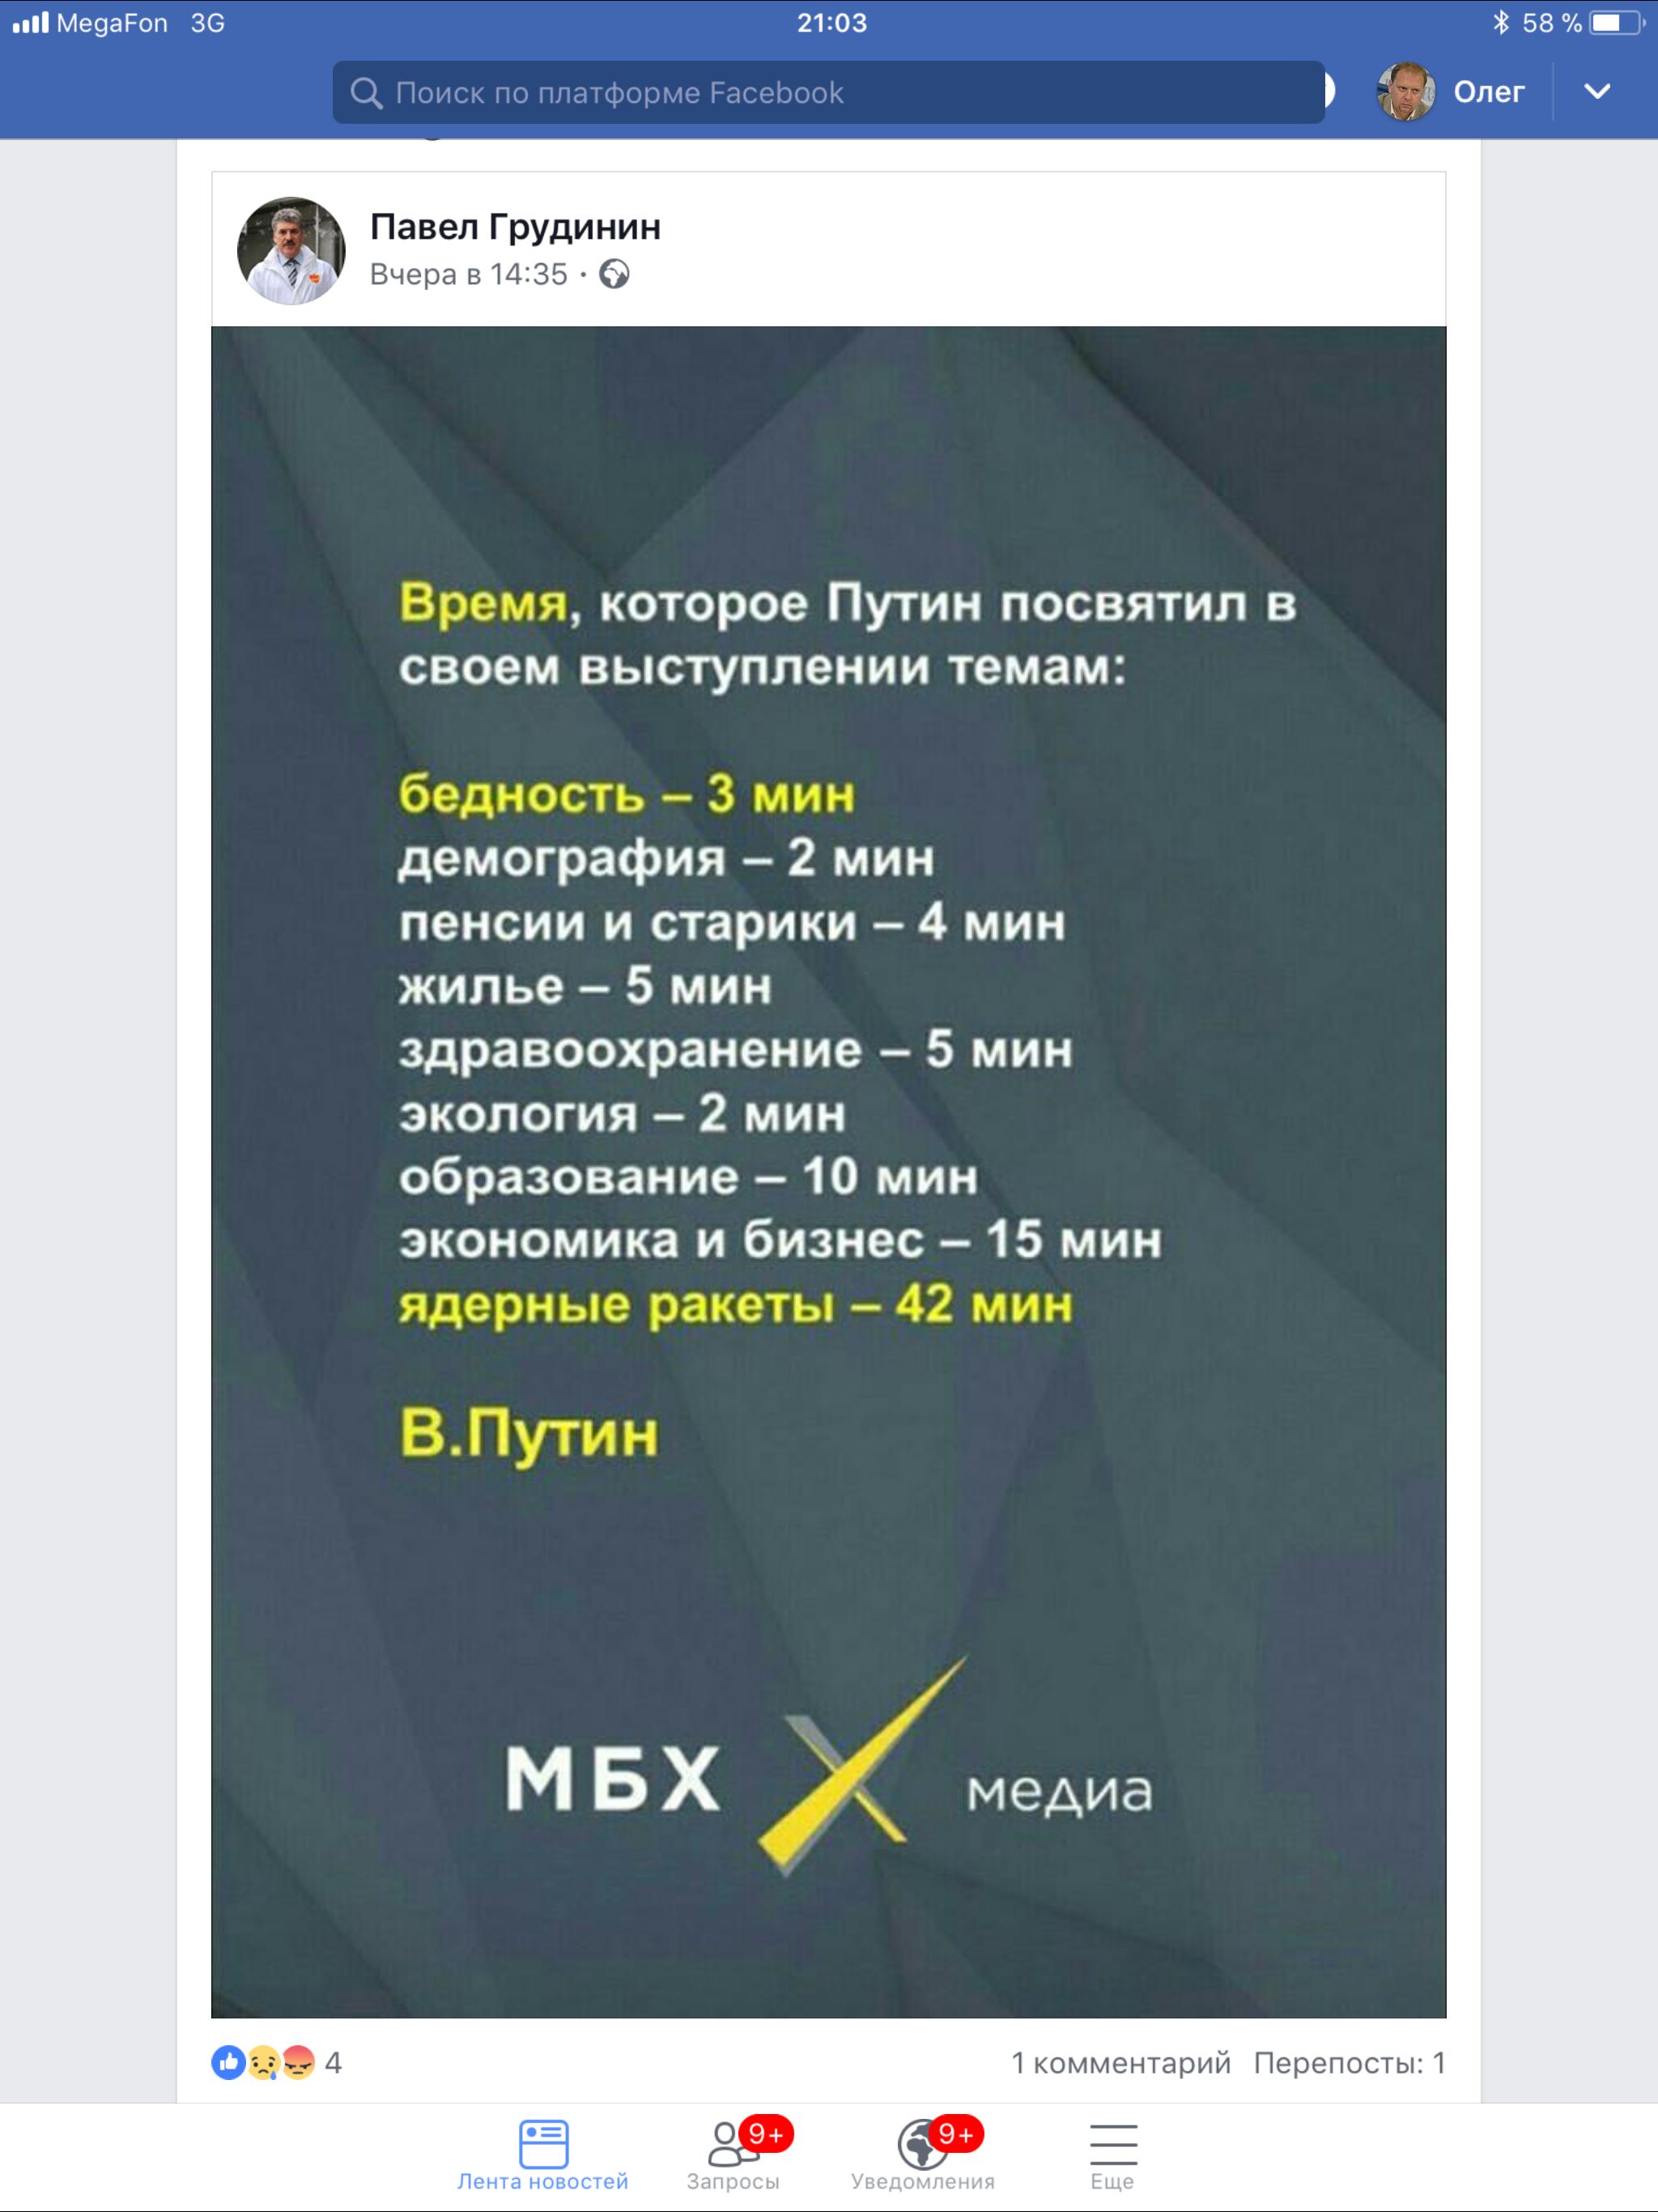 Сообщение от МБХ медиа ( Михаил Б Ходорковский медиа )